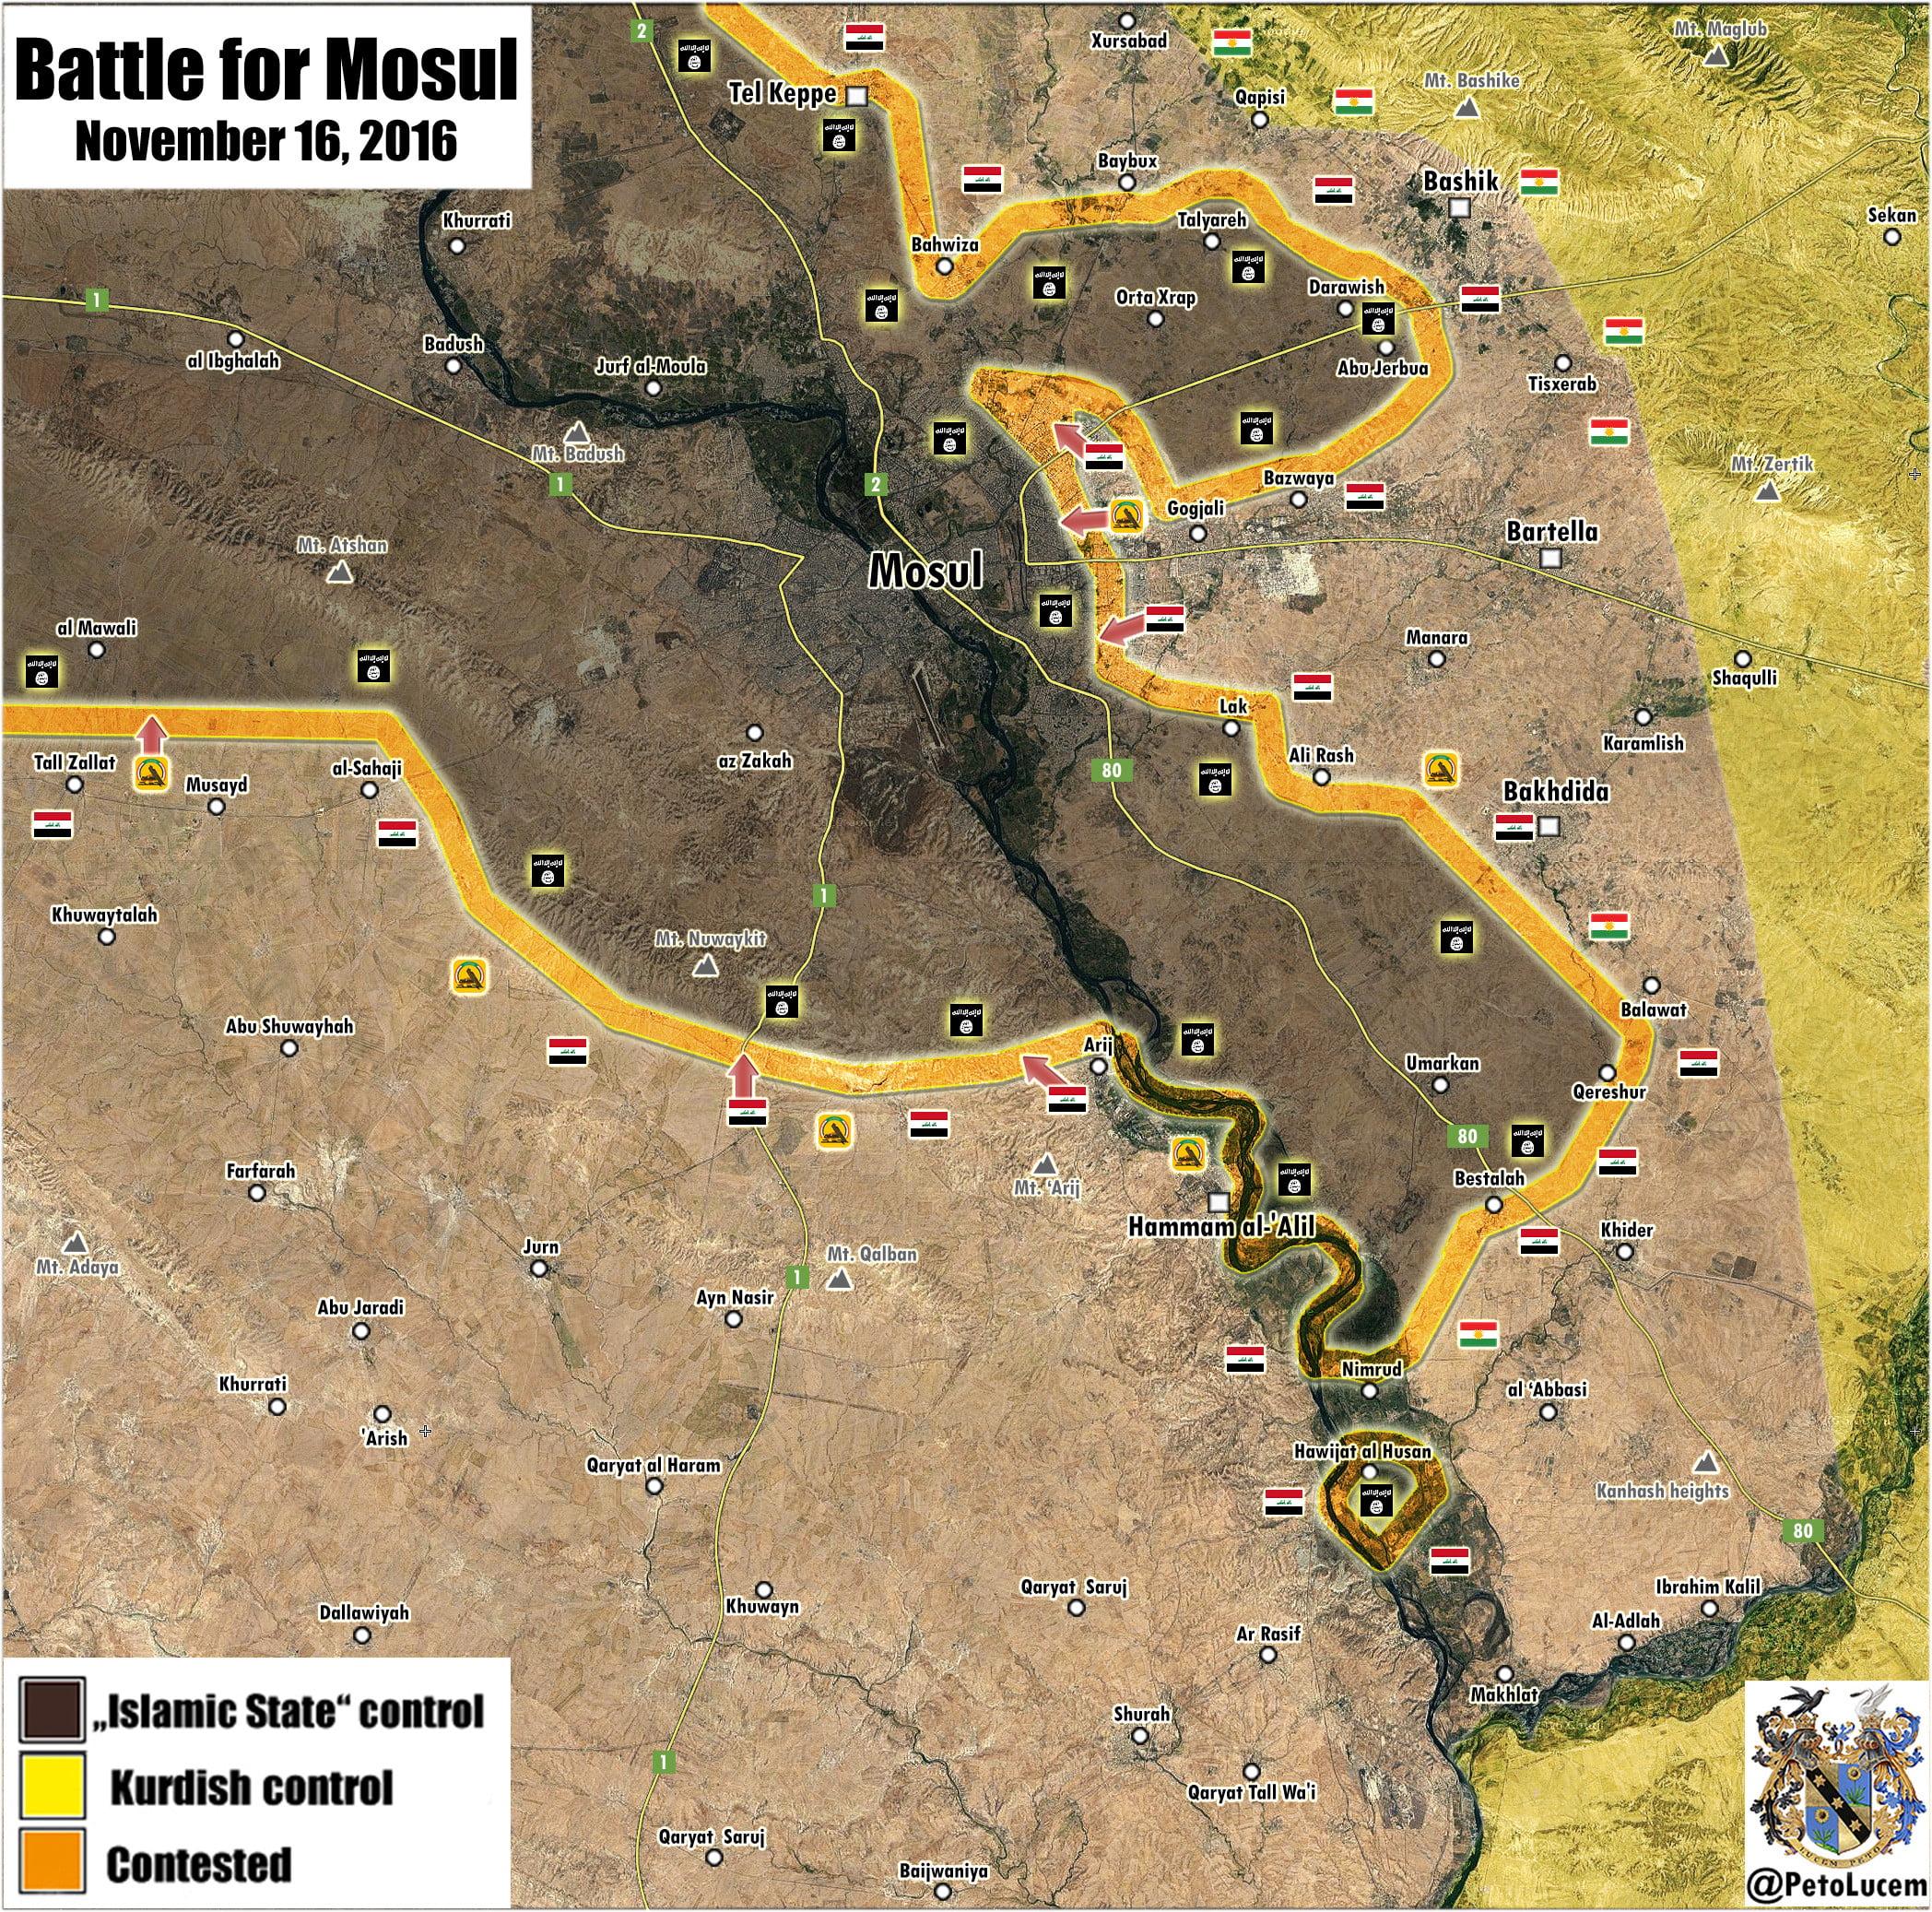 Πόλεμος στο Ιράκ: Η μάχη της Μοσούλης στις 16 Νοεμβρίου 2016